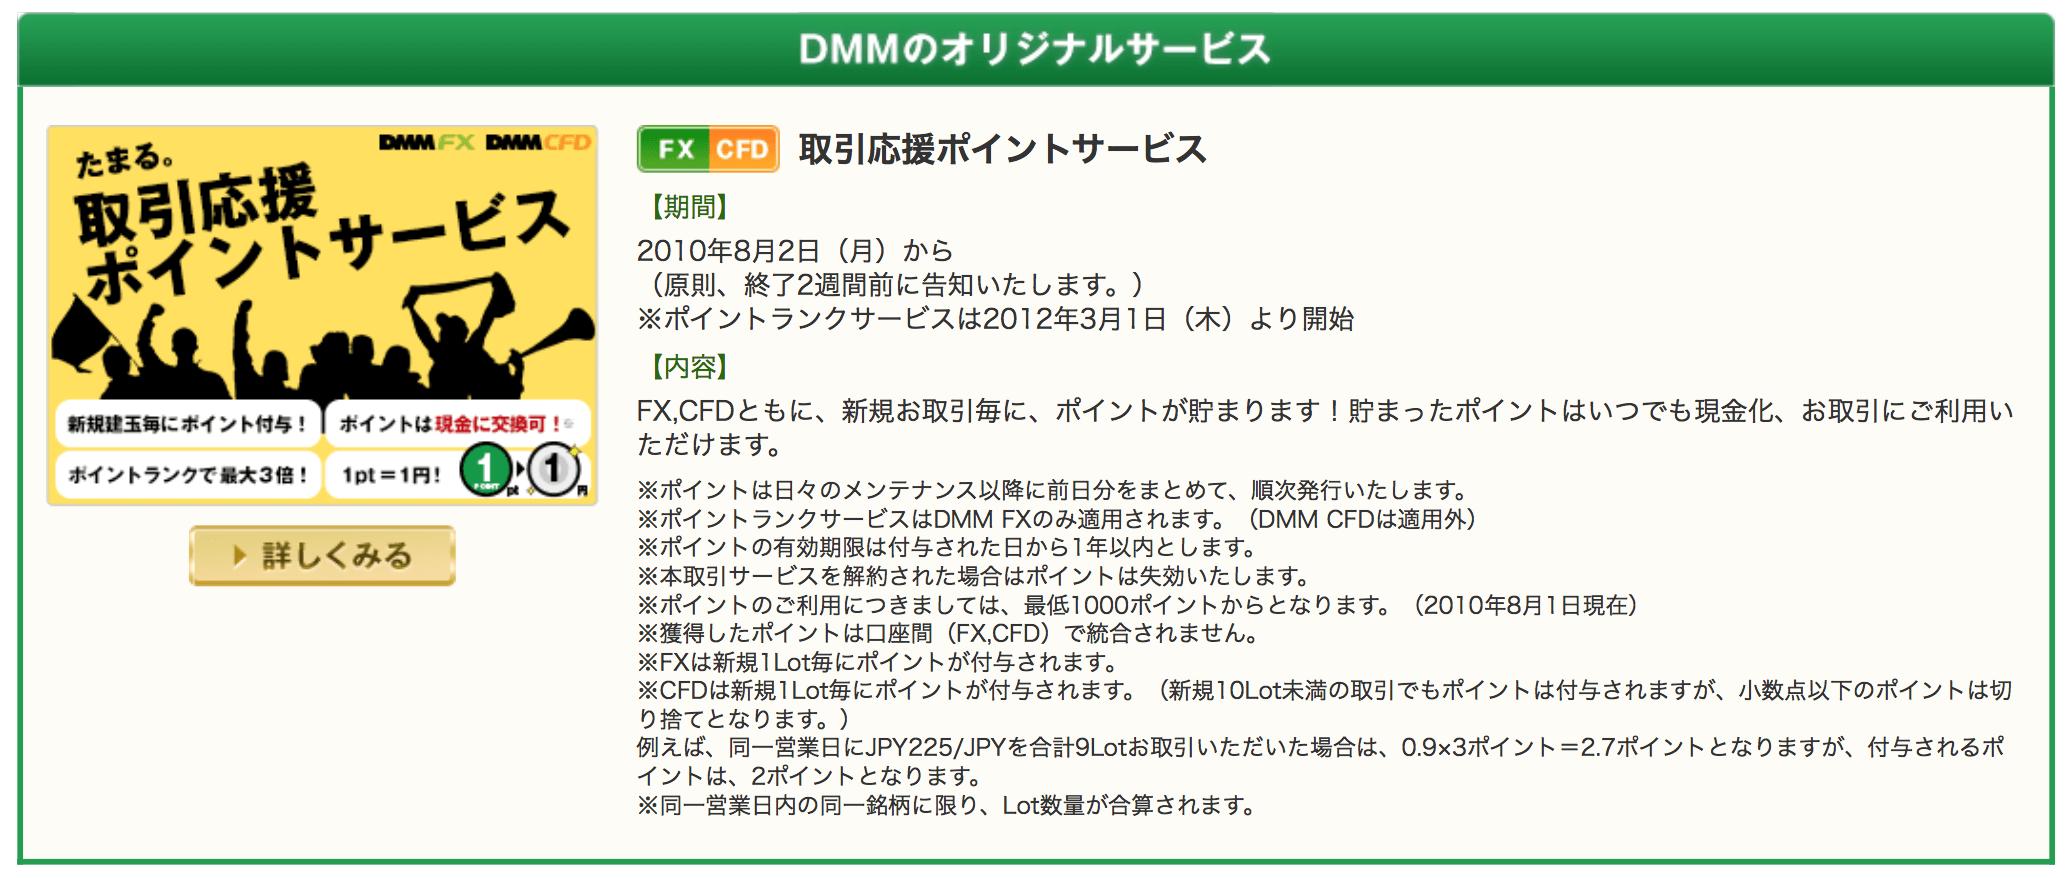 スクリーンショット 2016-05-28 0.03.46